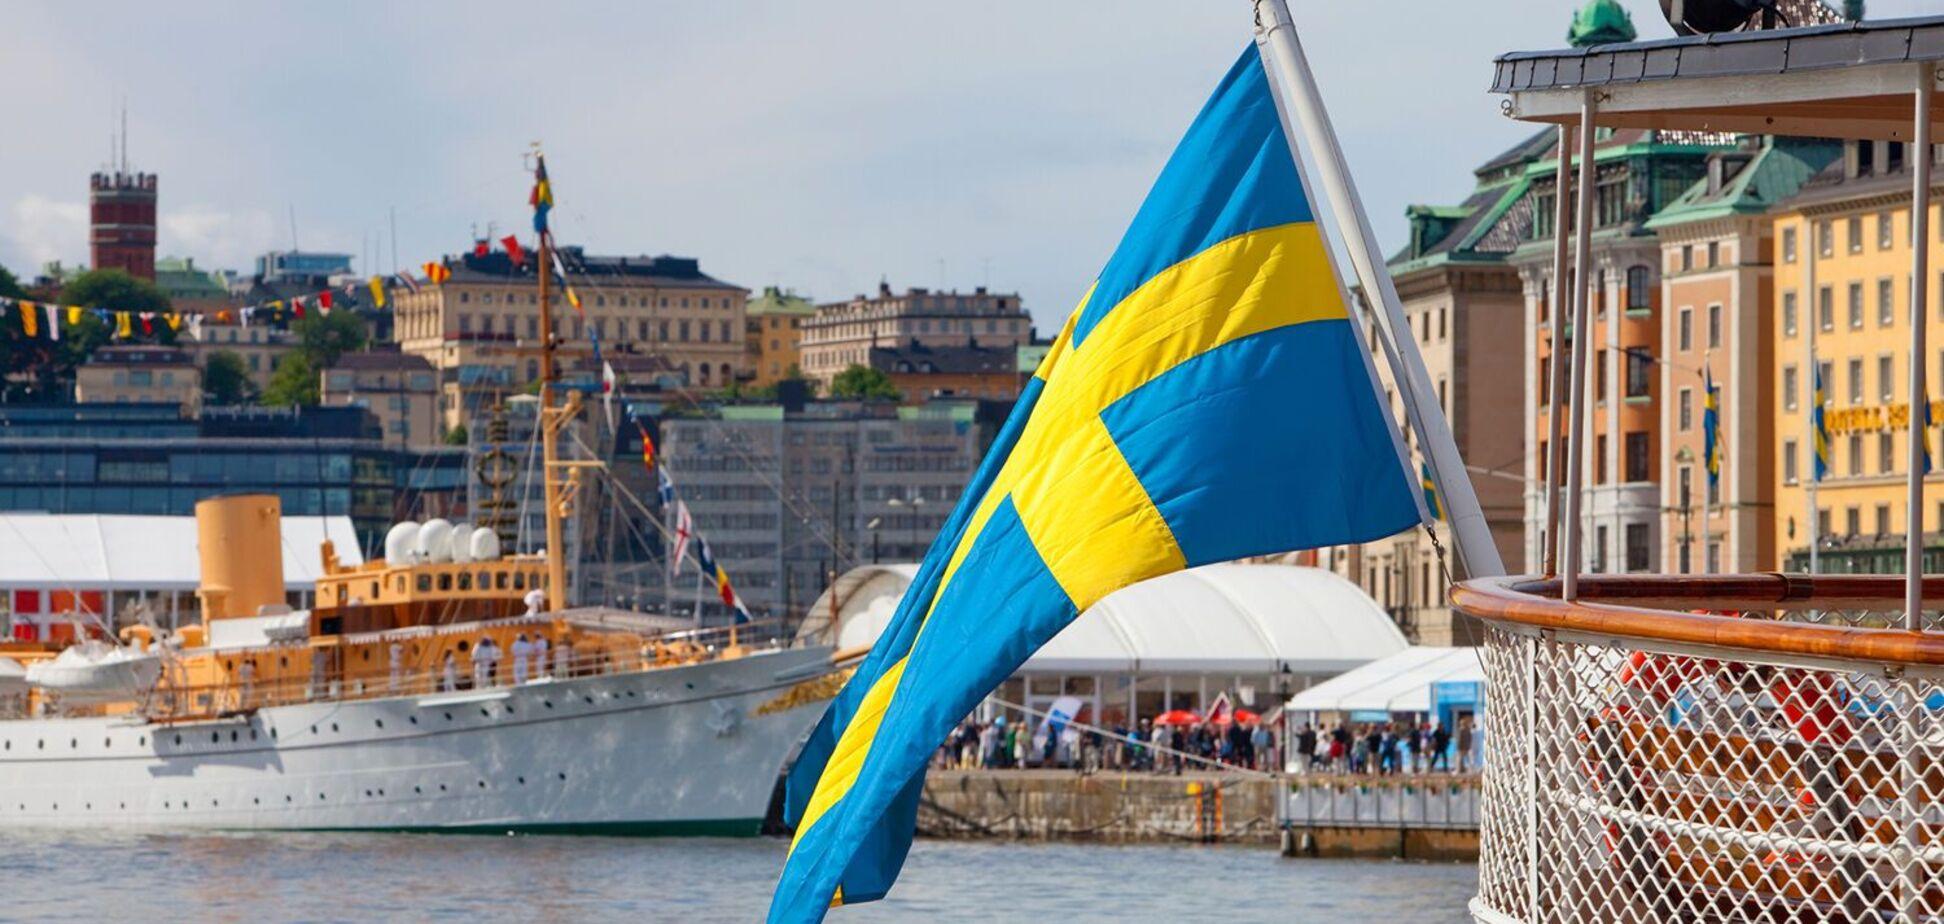 При въезде в Швецию нужен отрицательный тест на COVID-19